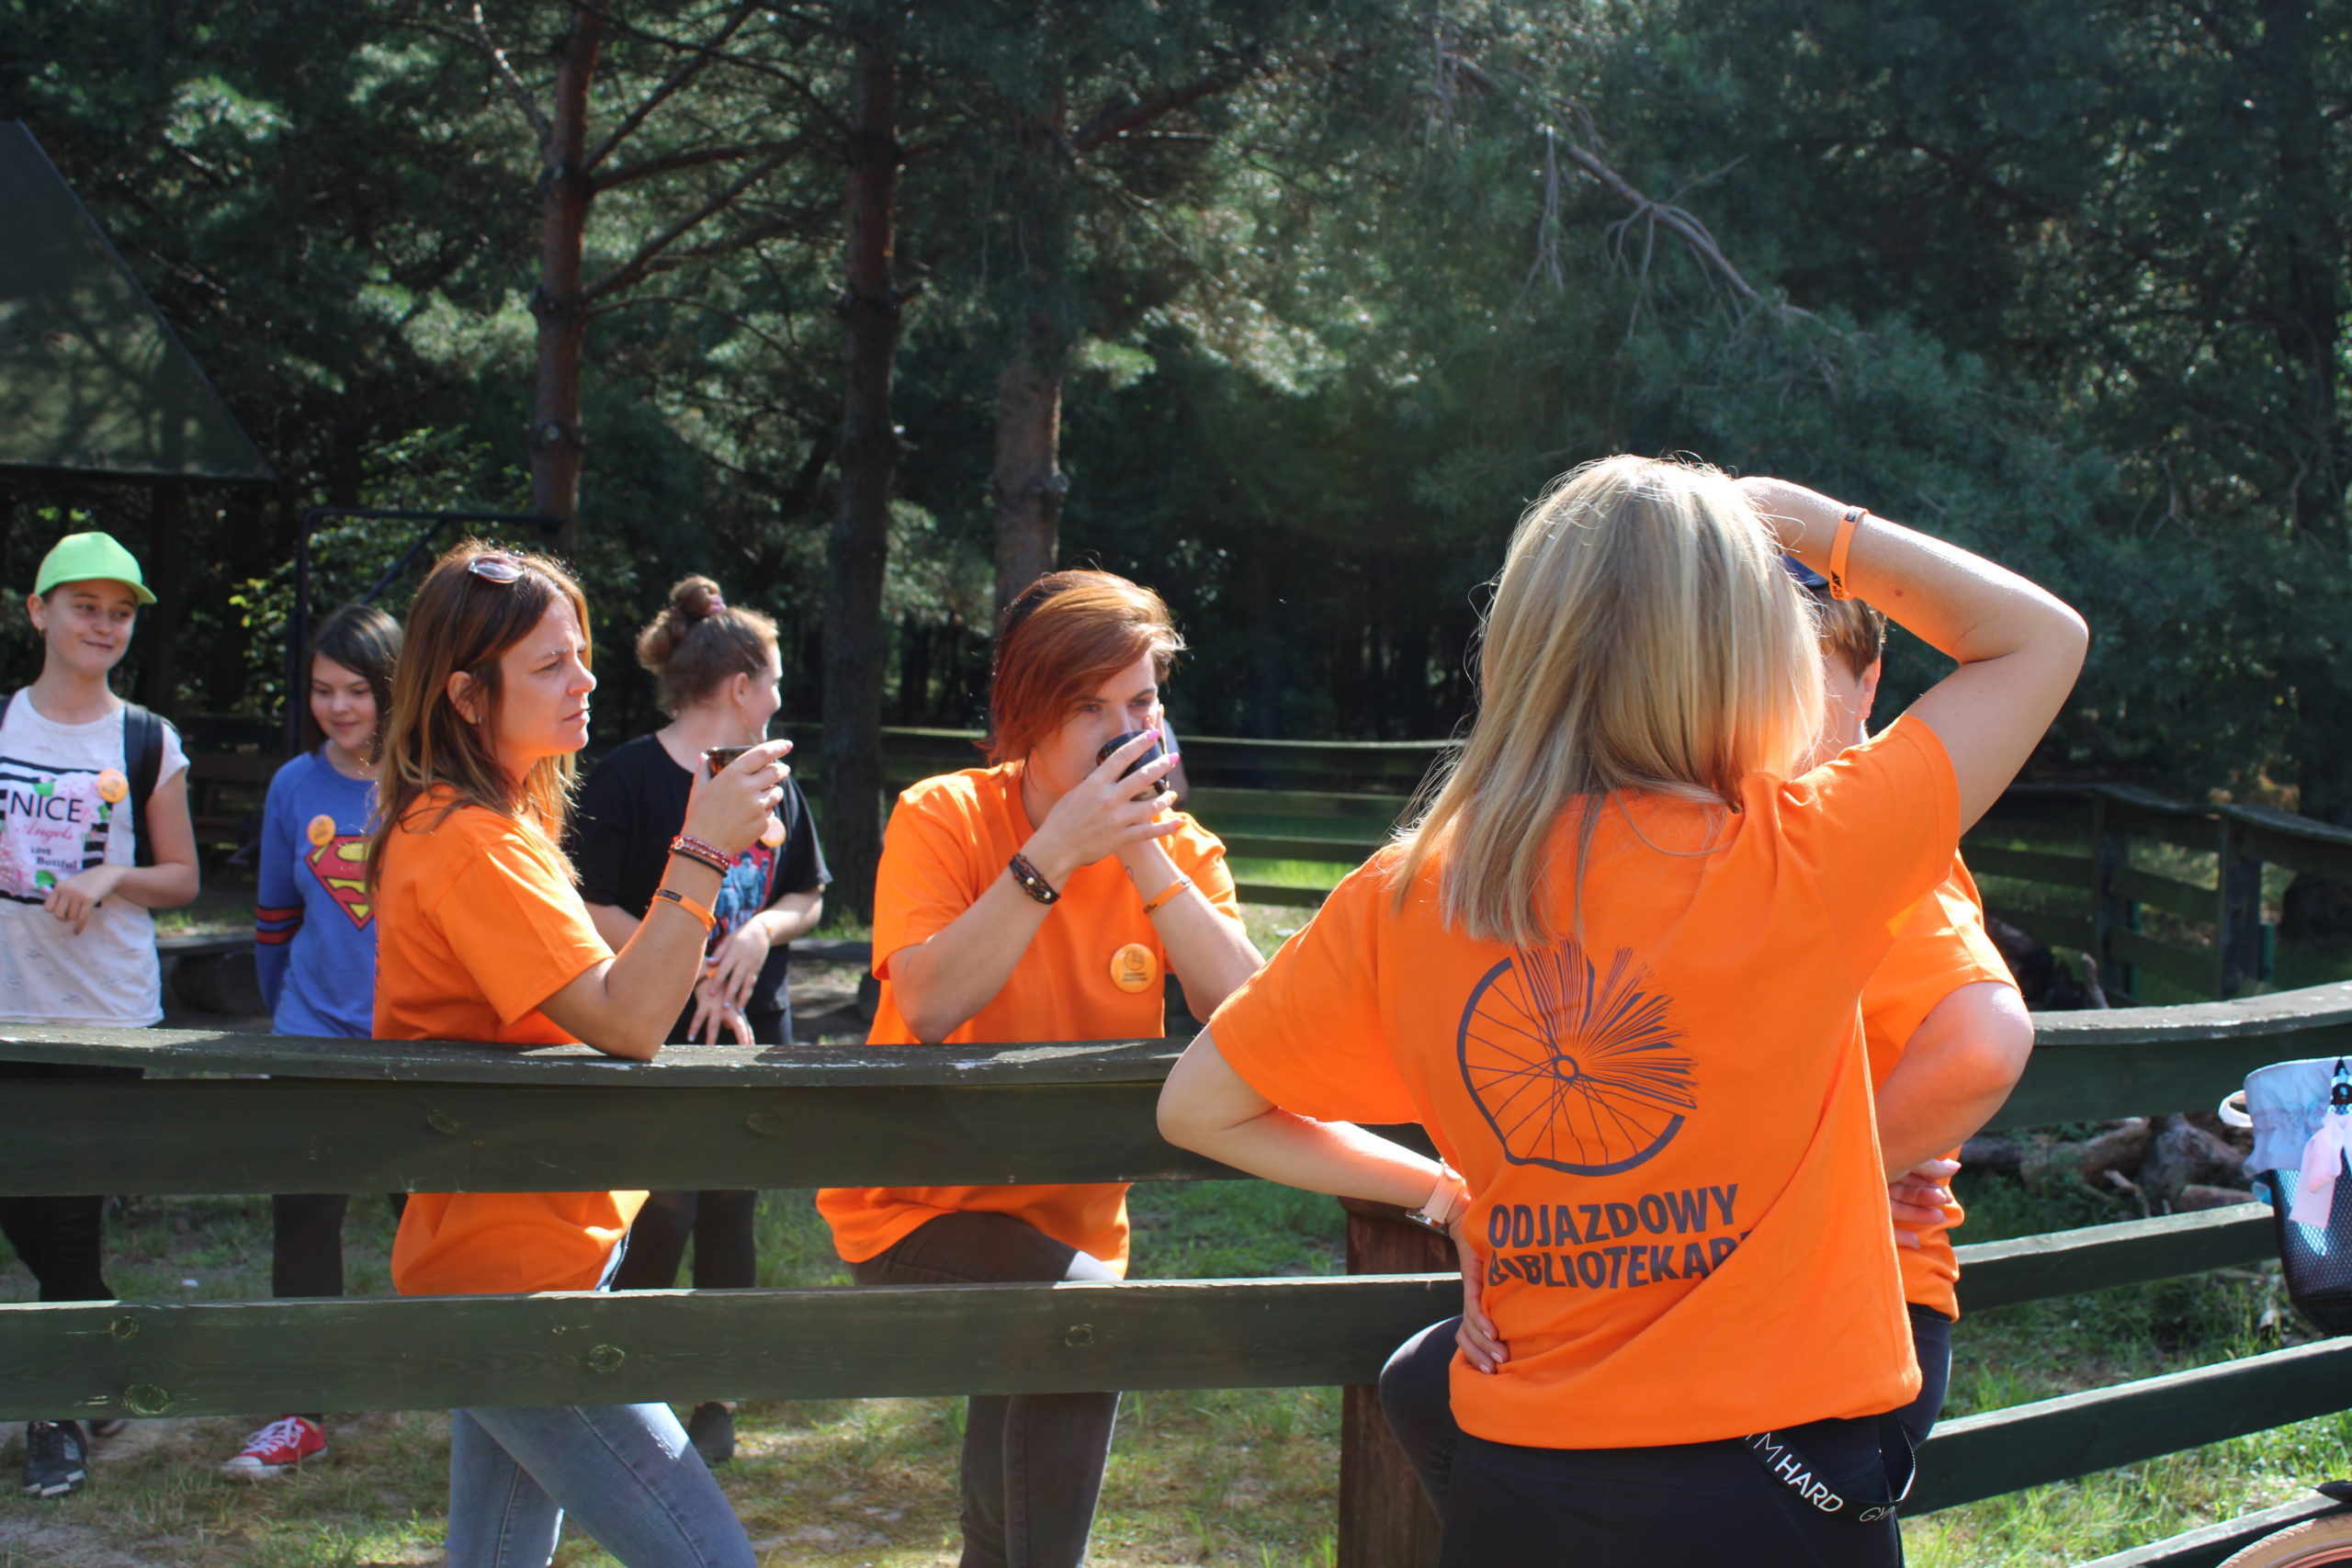 Na pierwszy planie blondynka, ubrana w pomarańczową koszulkę z napisem Odjazdowy Bibliotekarz, stoi plecami do obiektywu i spogląda przed siebie, osłaniając oczy przed słońcem uniesioną dłonią. Na drugim planie dwie inne kobiety w pomarańczonych koszulkach z logo, oparte o drewniany płot, trzymają w dłoniach kubki z kawą. Na trzecim planie trzy dziewczynki ,roześmiane. Krajobraz leśny, drzewa, dużo zieleni.